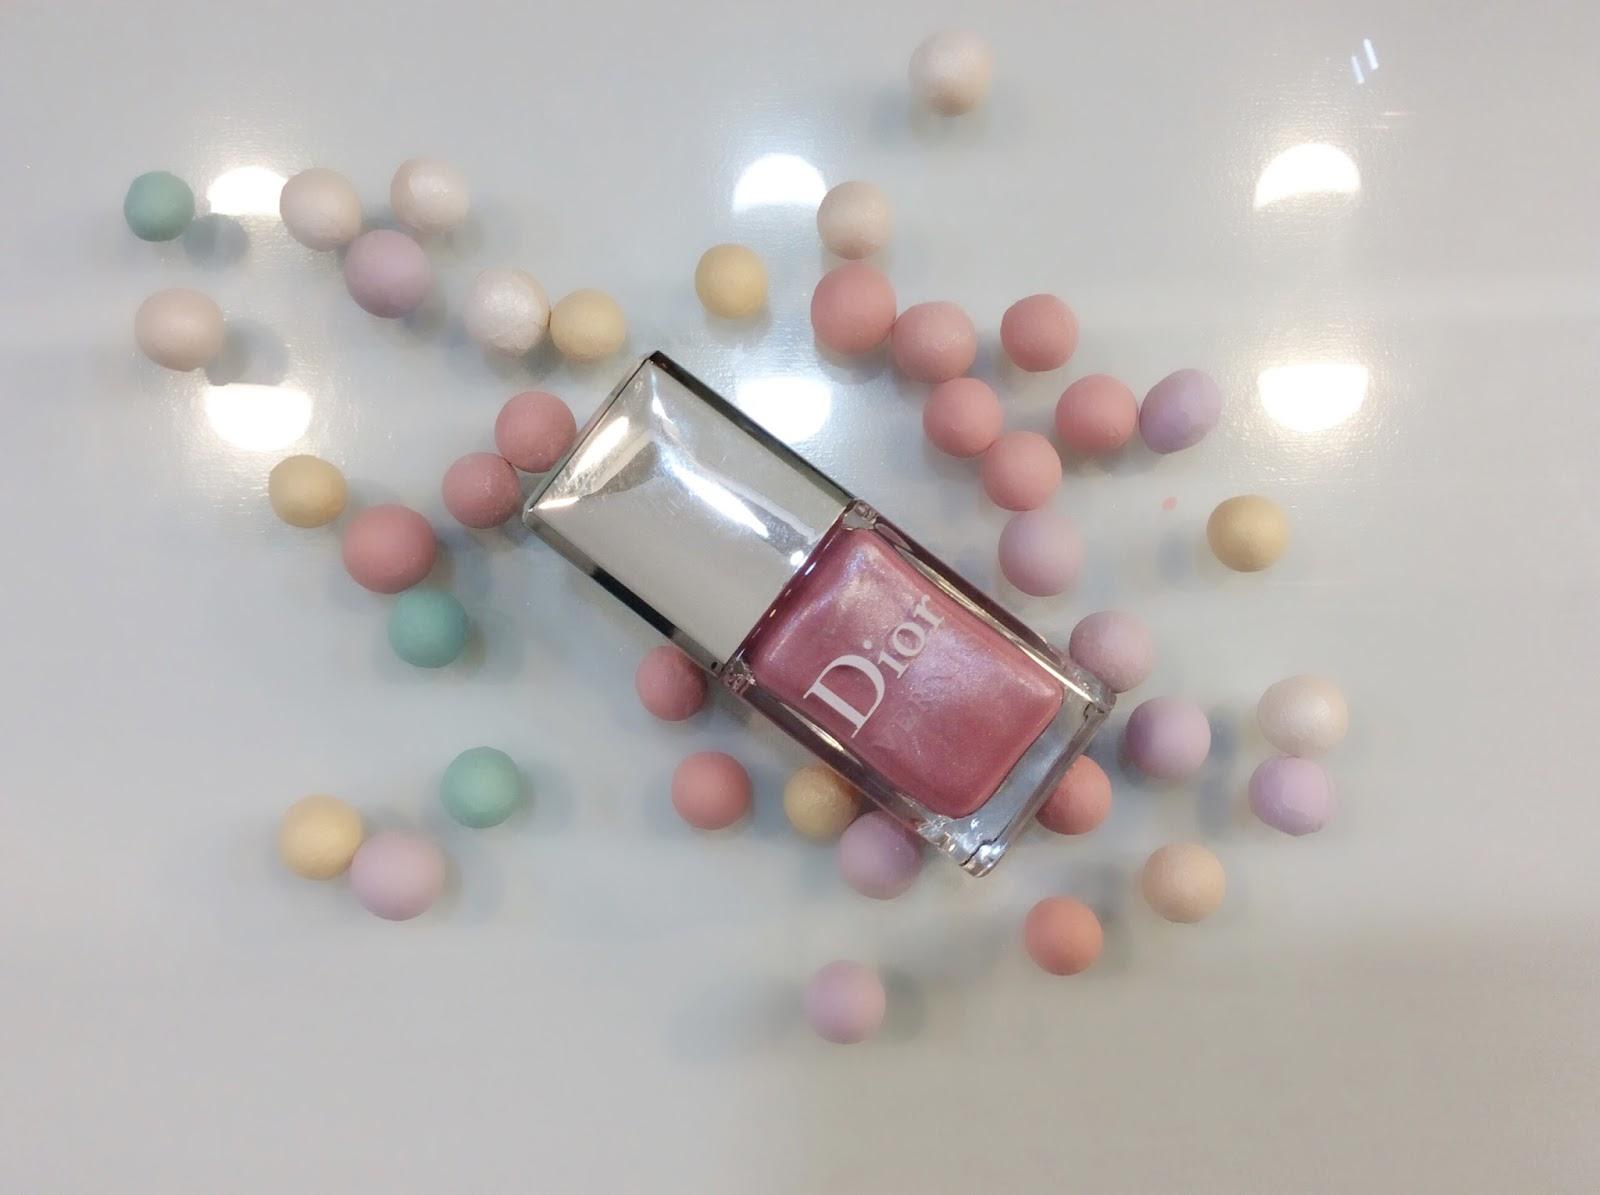 Esmalte da Semana - Dior Vernis Hauter Couleur 386 Rose Trianon/Pink Aristocrat